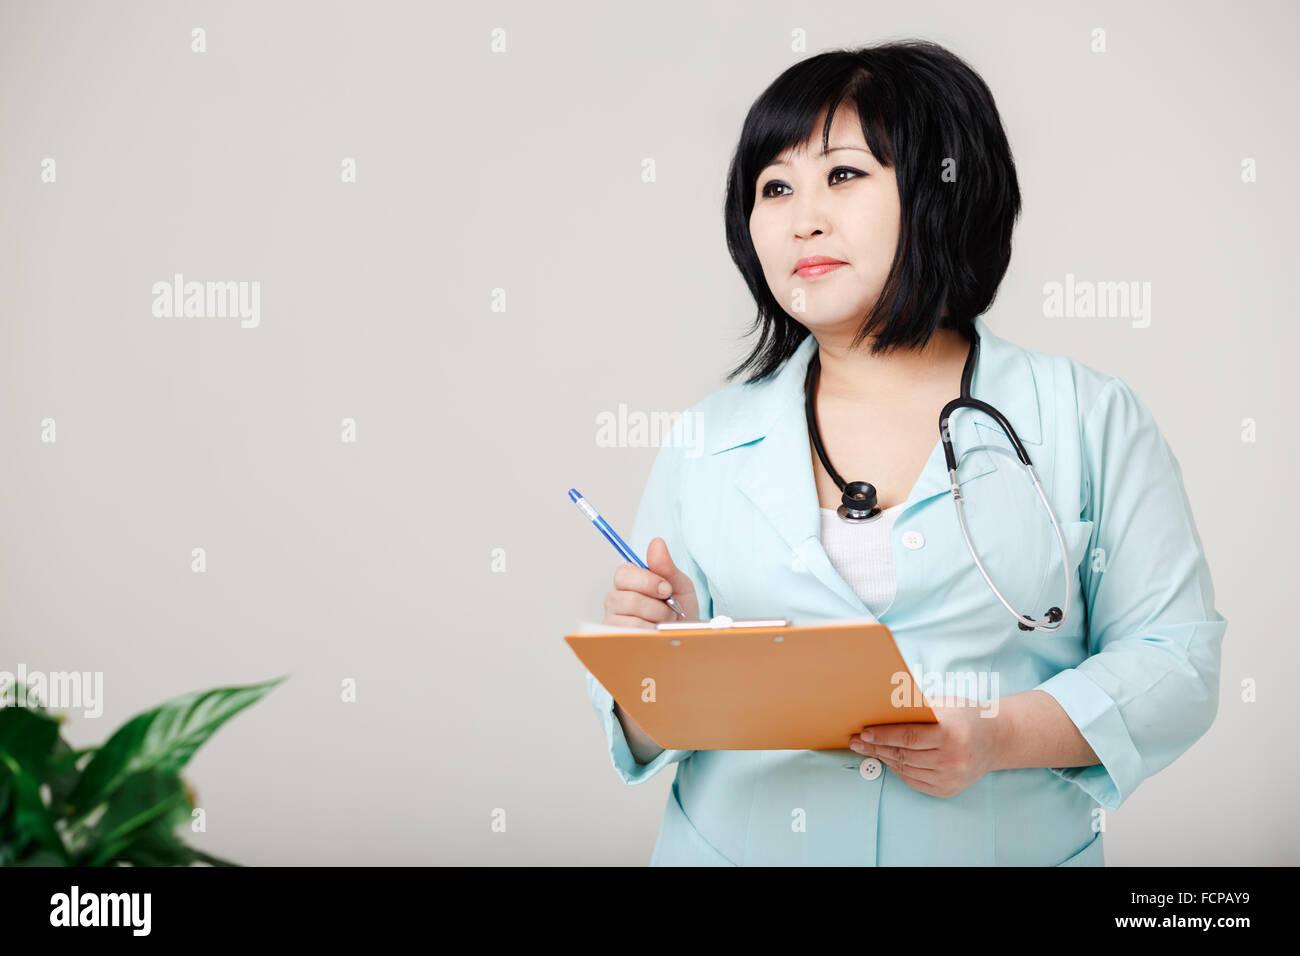 kurvige krankenschwester steht noch schreibt die. Black Bedroom Furniture Sets. Home Design Ideas